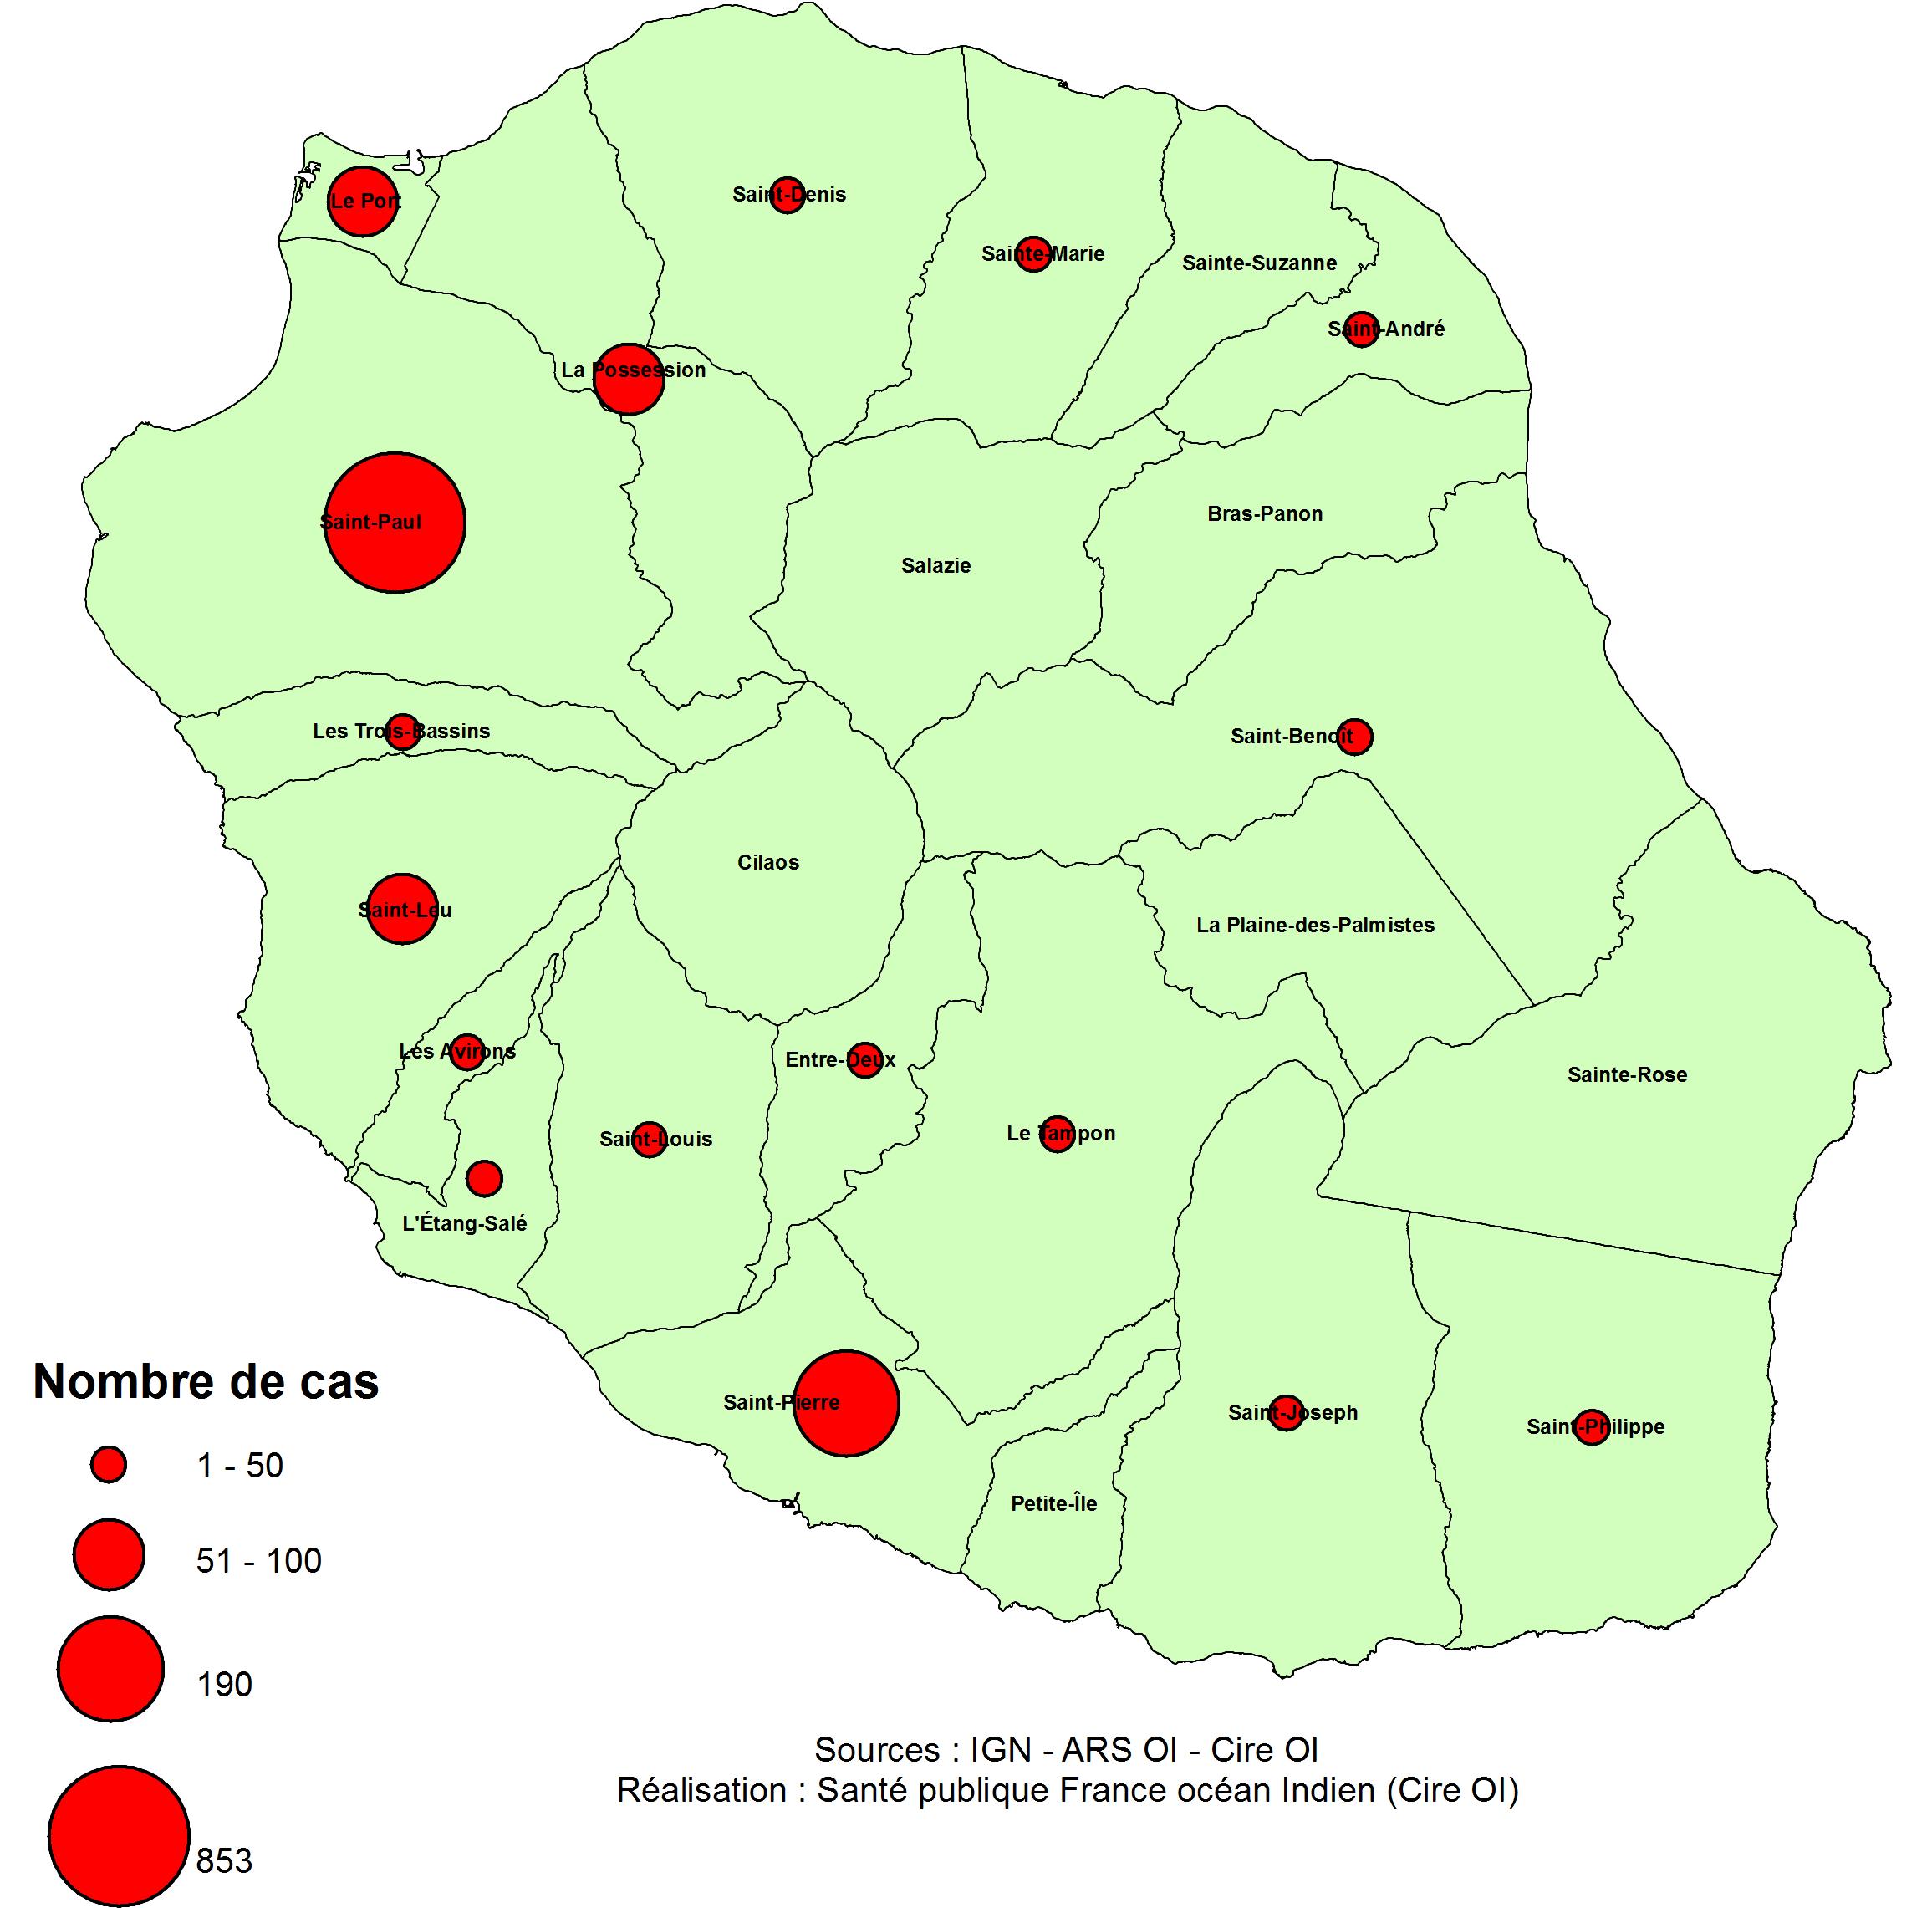 Cas-dengue_2018-S15_Reunion